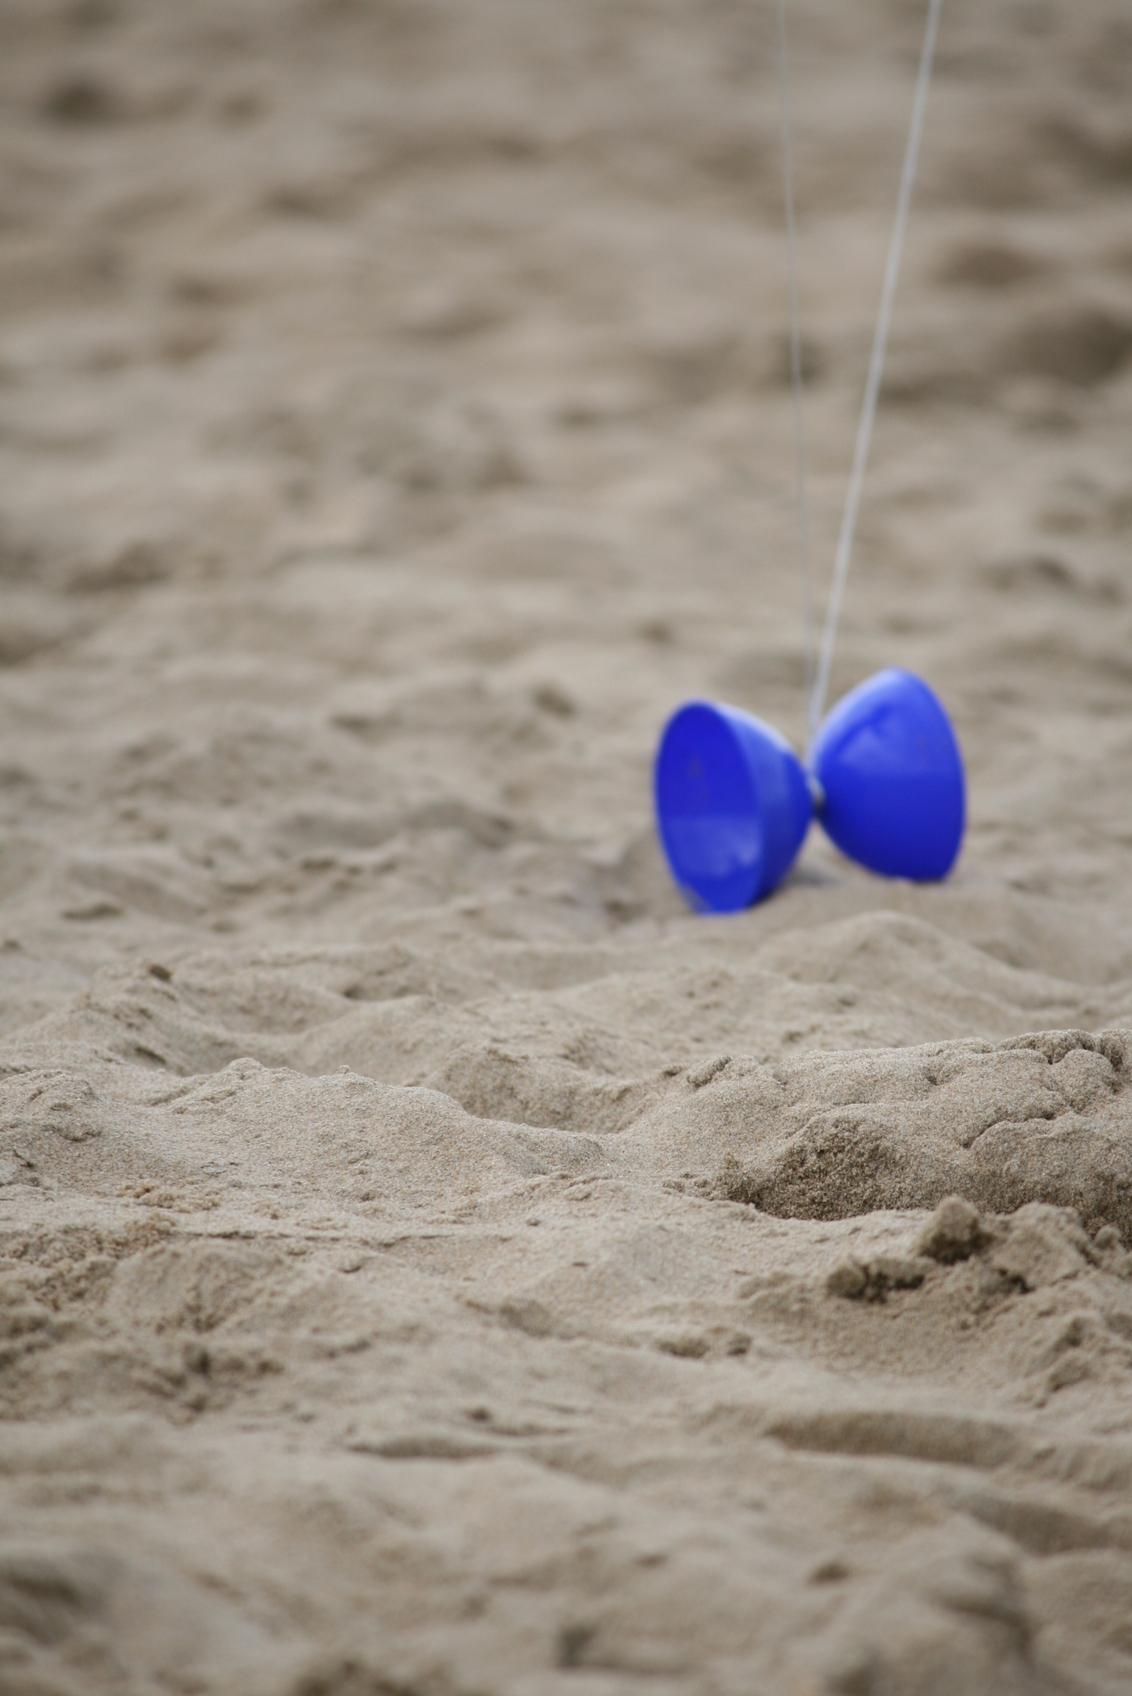 Diabolo - Beach - foto door irenevanweerdenburg op 25-05-2012 - deze foto bevat: beach, sand, diabolo